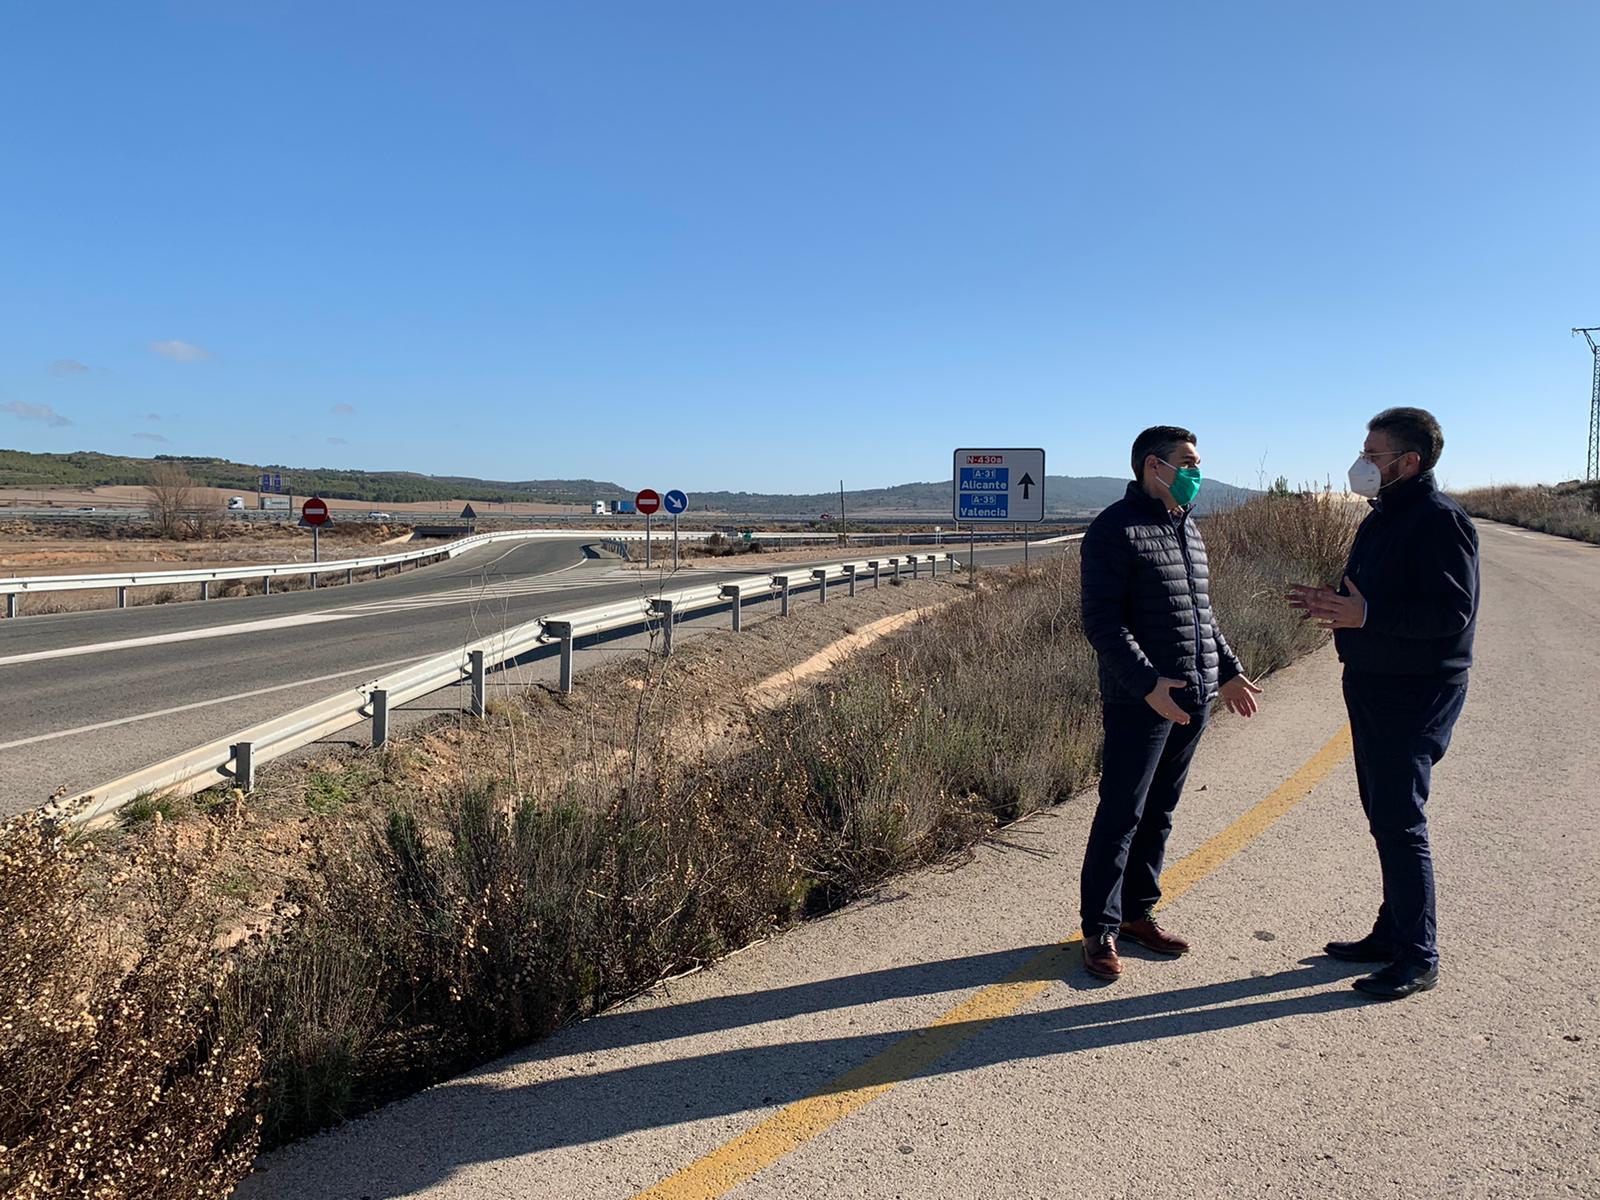 Juan Antonio Moreno reivindica la inversión para una plataforma logística en la comarca de Almansa, a través de las enmiendas a los Presupuestos regionales